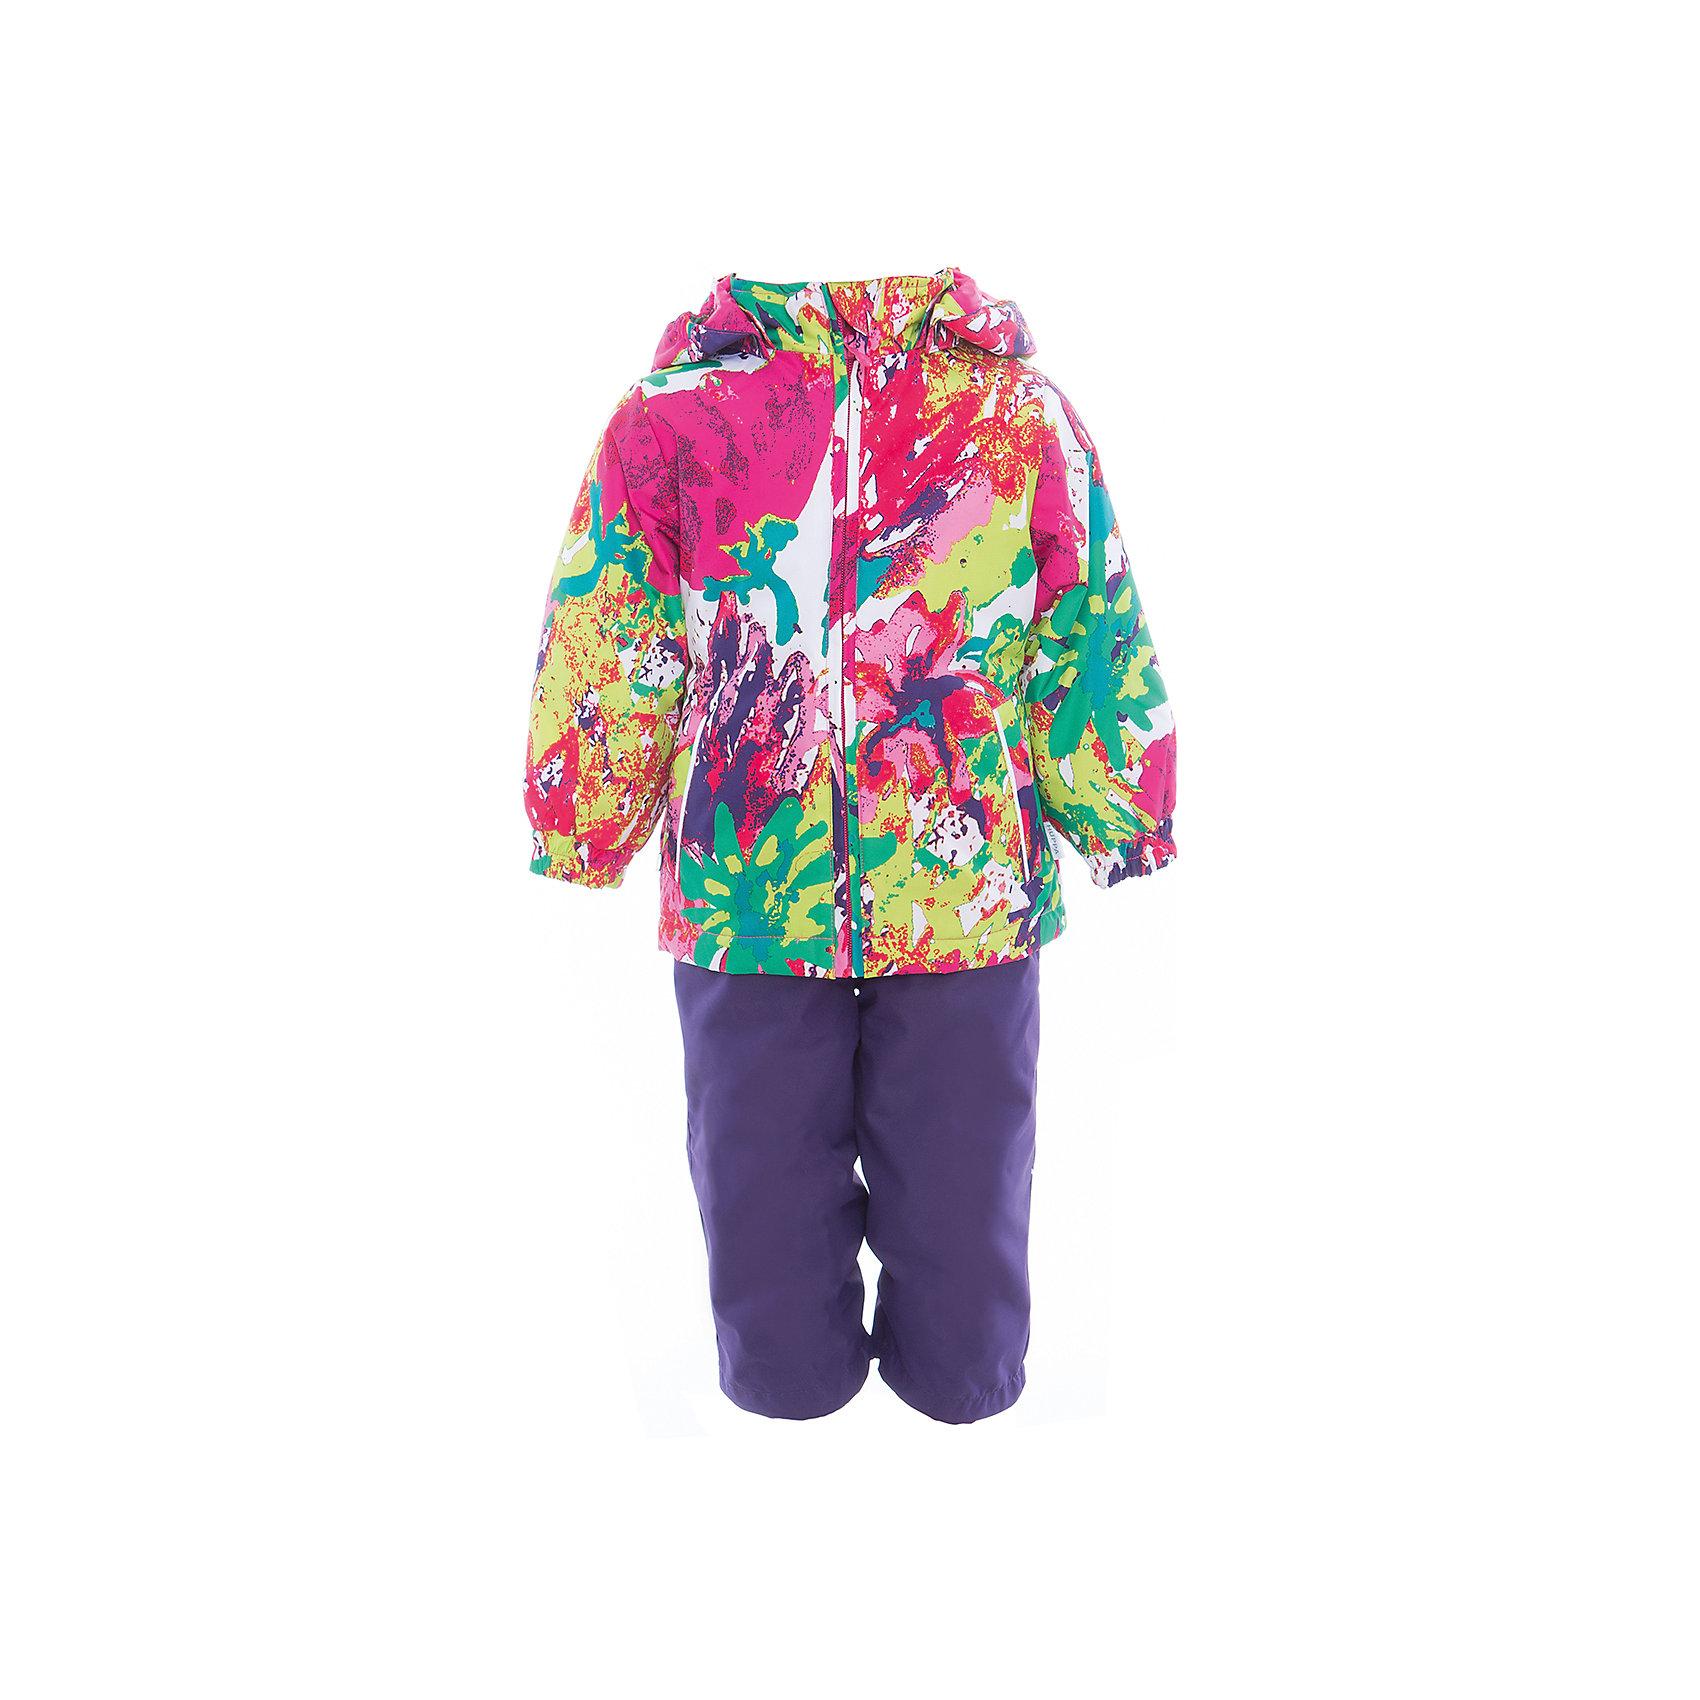 Комплект: куртка и полукомбинезон для девочки YONNE HuppaКомплекты<br>Характеристики товара:<br><br>• цвет: мультиколор/тёмно-фиолетовый<br>• комплектация: куртка и полукомбинезон <br>• ткань: 100% полиэстер<br>• подкладка: тафта - 100% полиэстер<br>• утеплитель: куртка и полукомбинезон - 100% полиэстер 100 г.<br>• температурный режим: от -5°С до +10°С<br>• водонепроницаемость: верх - 5000 мм, низ - 10000 мм<br>• воздухопроницаемость: верх - 5000 мм, низ - 10000 мм<br>• светоотражающие детали<br>• шов сидения проклеен<br>• съёмный капюшон с резинкой<br>• защита подбородка от молнии<br>• эластичные манжеты на рукавах<br>• регулируемый низ брючин<br>• эластичный шнур с фиксатором внизу брючин<br>• без внутренних швов<br>• резиновые подтяжки<br>• коллекция: весна-лето 2017<br>• страна бренда: Эстония<br><br>Такой модный демисезонный комплект  обеспечит детям тепло и комфорт. Он сделан из материала, отталкивающего воду, и дополнен подкладкой с утеплителем, поэтому изделие идеально подходит для межсезонья. Материал изделий - с мембранной технологией: защищая от влаги и ветра, он легко выводит лишнюю влагу наружу. Комплект очень симпатично смотрится. <br><br>Одежда и обувь от популярного эстонского бренда Huppa - отличный вариант одеть ребенка можно и комфортно. Вещи, выпускаемые компанией, качественные, продуманные и очень удобные. Для производства изделий используются только безопасные для детей материалы. Продукция от Huppa порадует и детей, и их родителей!<br><br>Комплект: куртка и полукомбинезон YONNE от бренда Huppa (Хуппа) можно купить в нашем интернет-магазине.<br><br>Ширина мм: 356<br>Глубина мм: 10<br>Высота мм: 245<br>Вес г: 519<br>Цвет: белый<br>Возраст от месяцев: 72<br>Возраст до месяцев: 84<br>Пол: Женский<br>Возраст: Детский<br>Размер: 122,80,86,92,98,104,110,116<br>SKU: 5346645